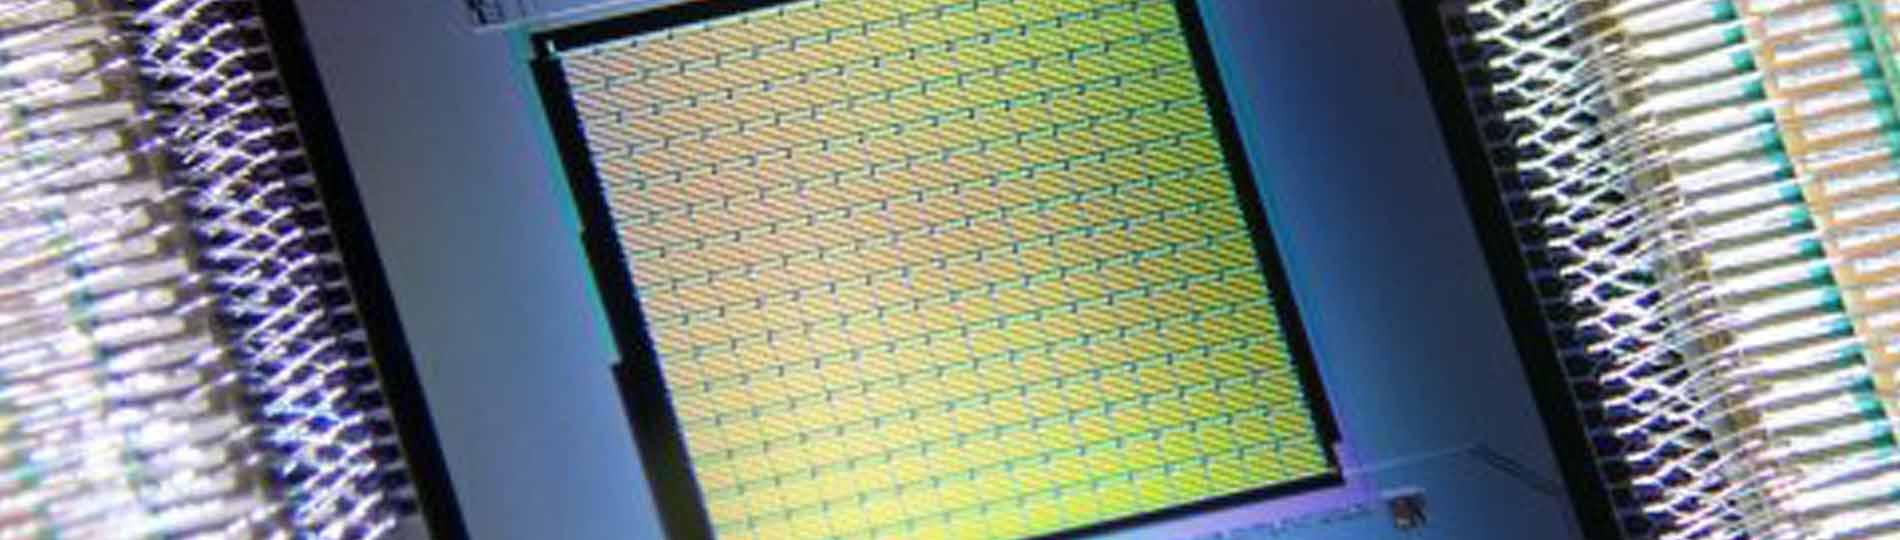 D-wave systems breaks the 1000 qubit quantum computing